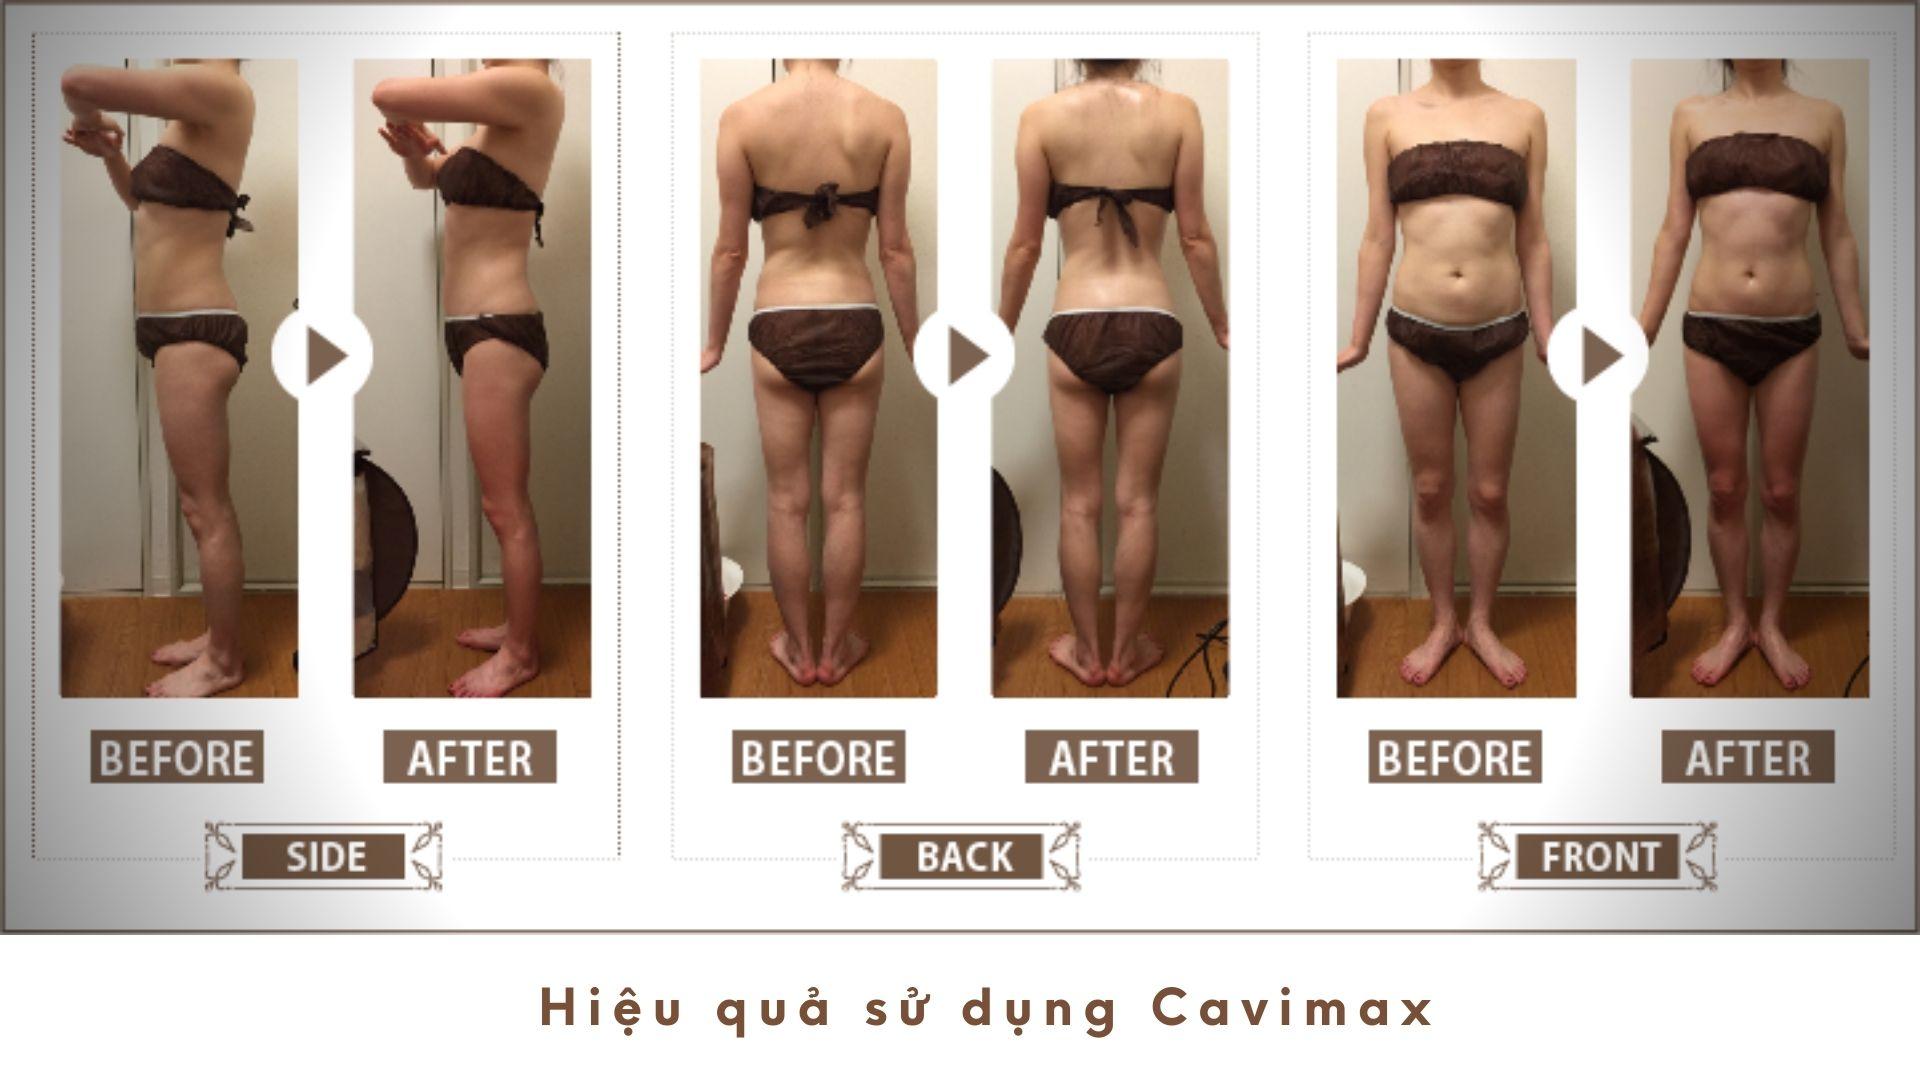 Hiệu quả sử dụng máy Cavimax